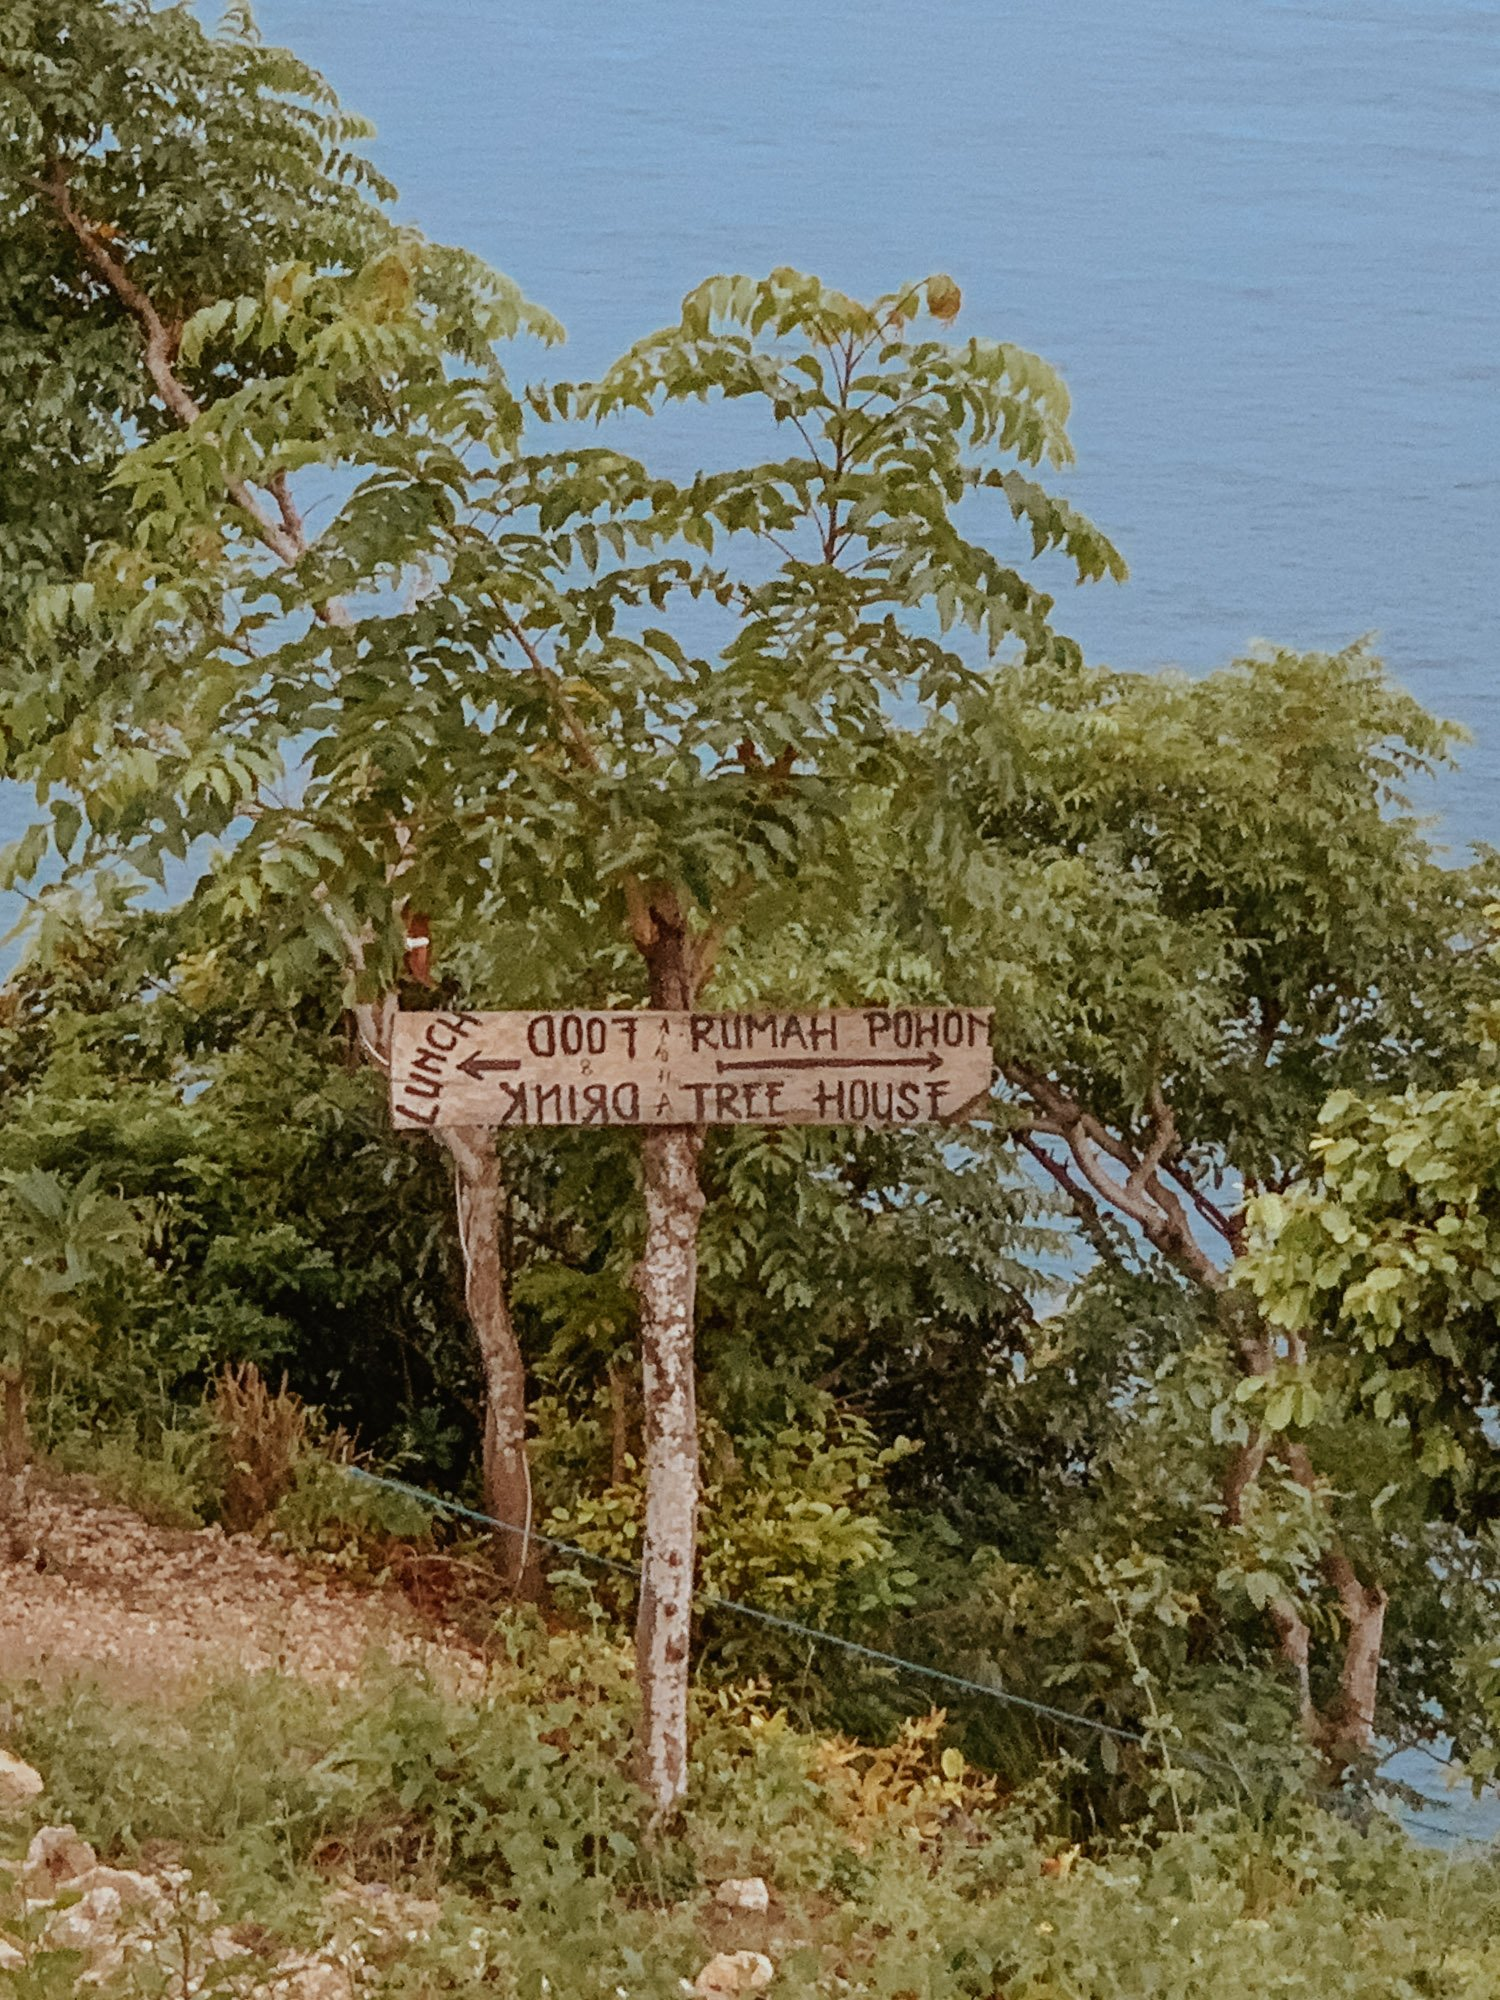 Tree house Nusa Penida Stairs